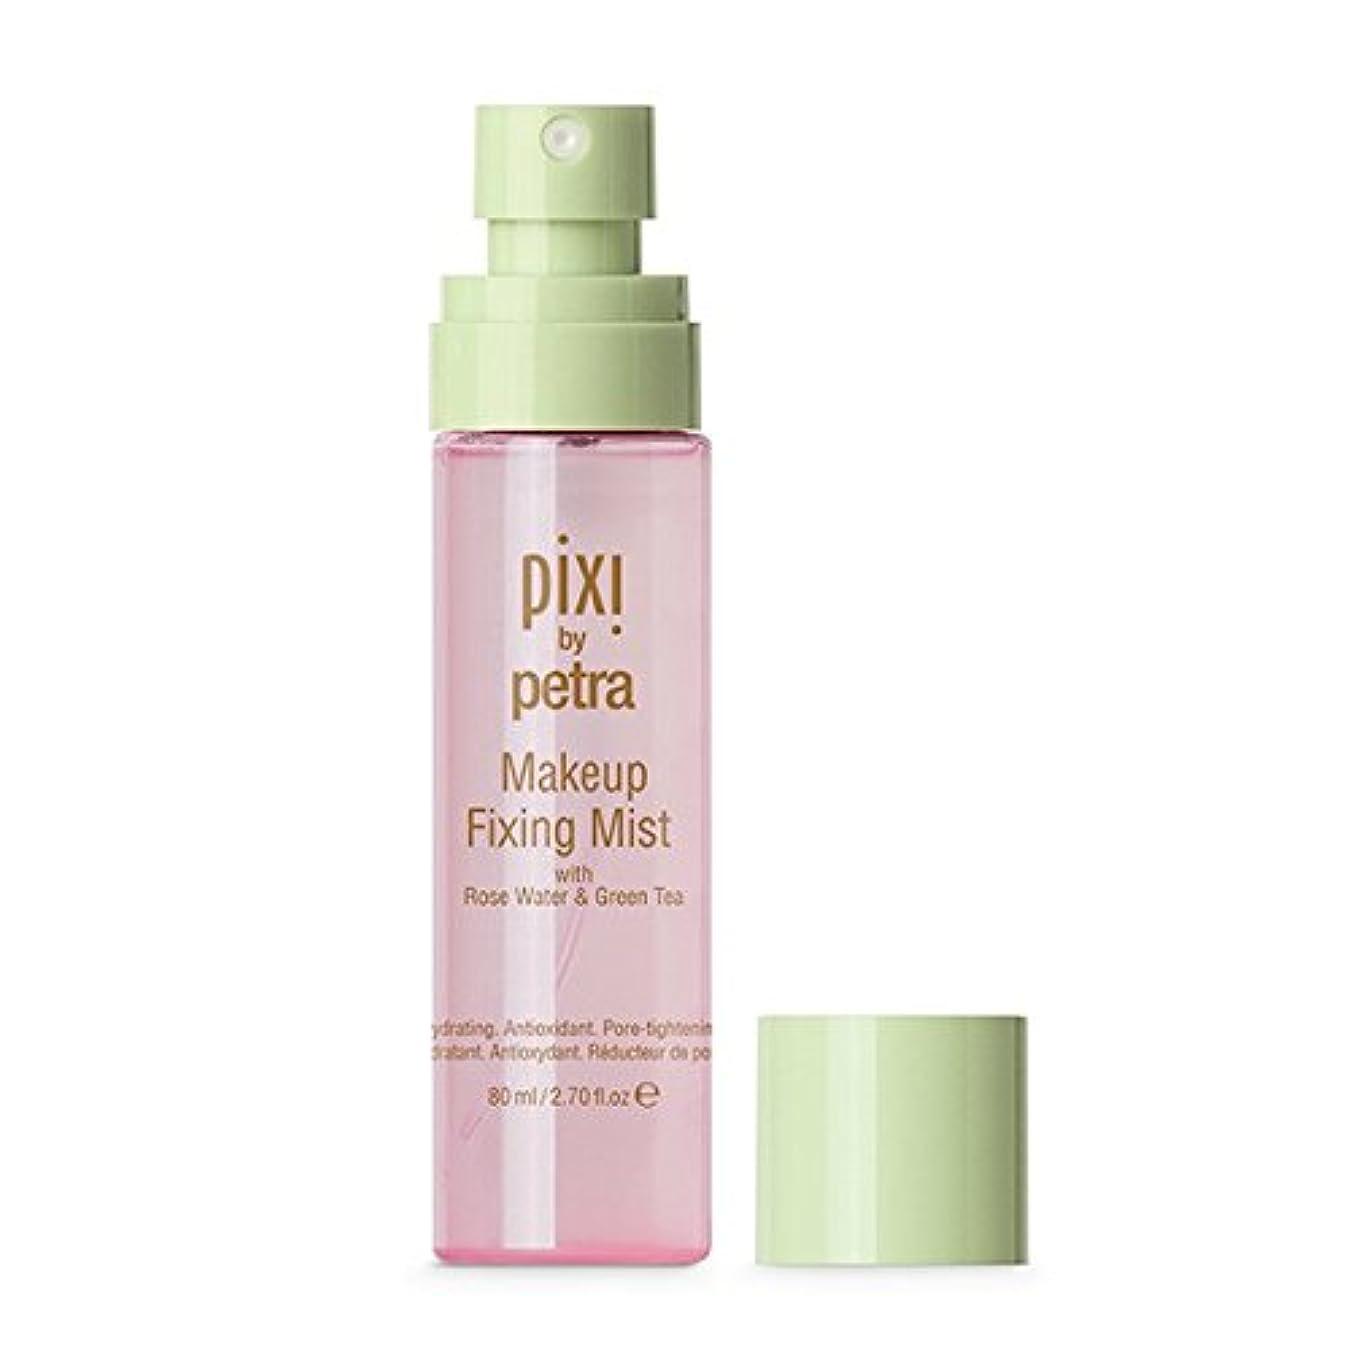 露出度の高い気づかない傑作Pixi Makeup Fixing Mist (並行輸入品) [並行輸入品]